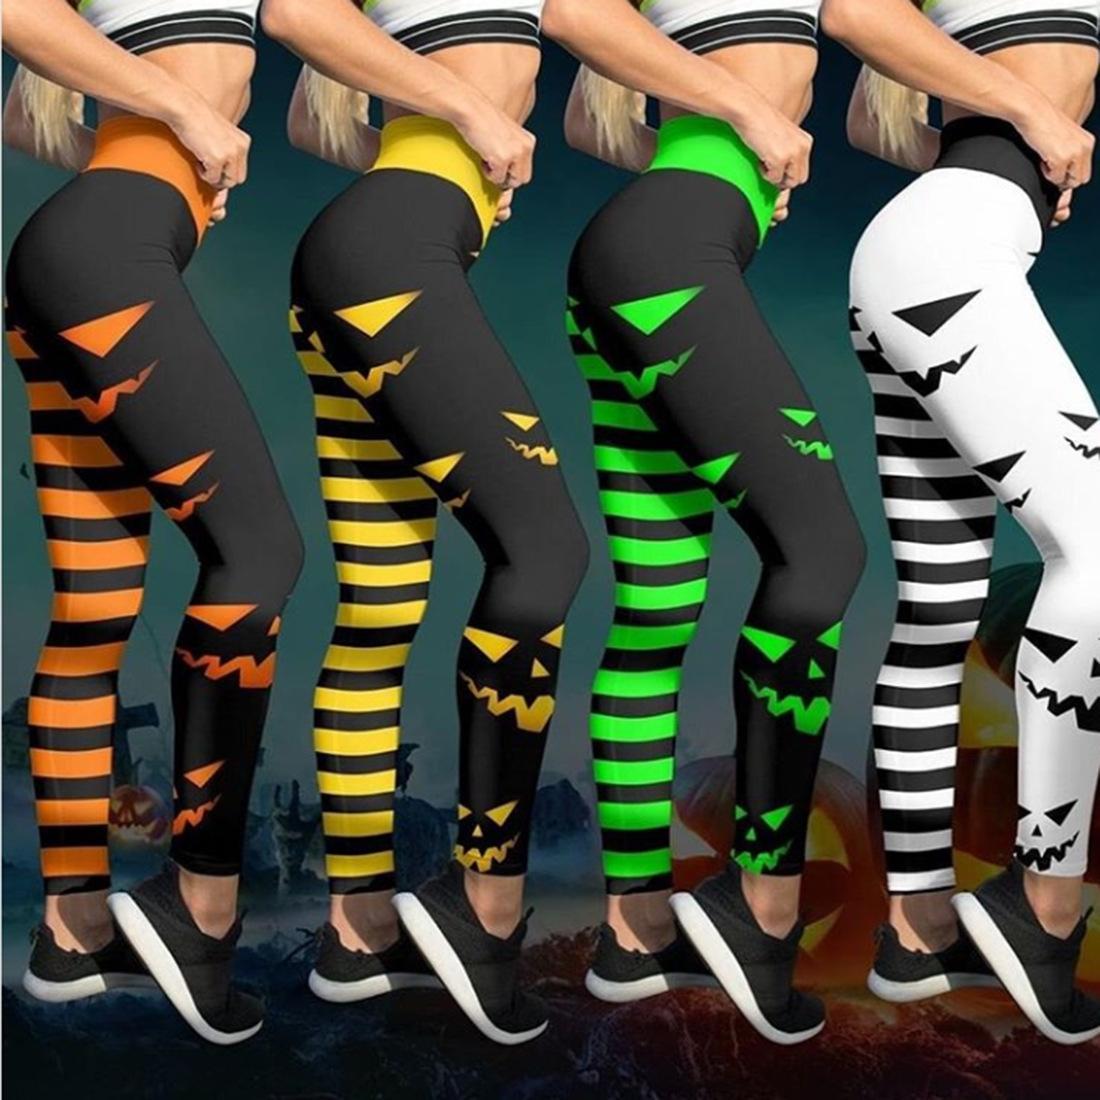 BObfS напечатаны новые моды головы стрейч узкие брюки цифровые узкие брюки высокой талии колготки тыквы Хэллоуин цифровых печатных леггинсы